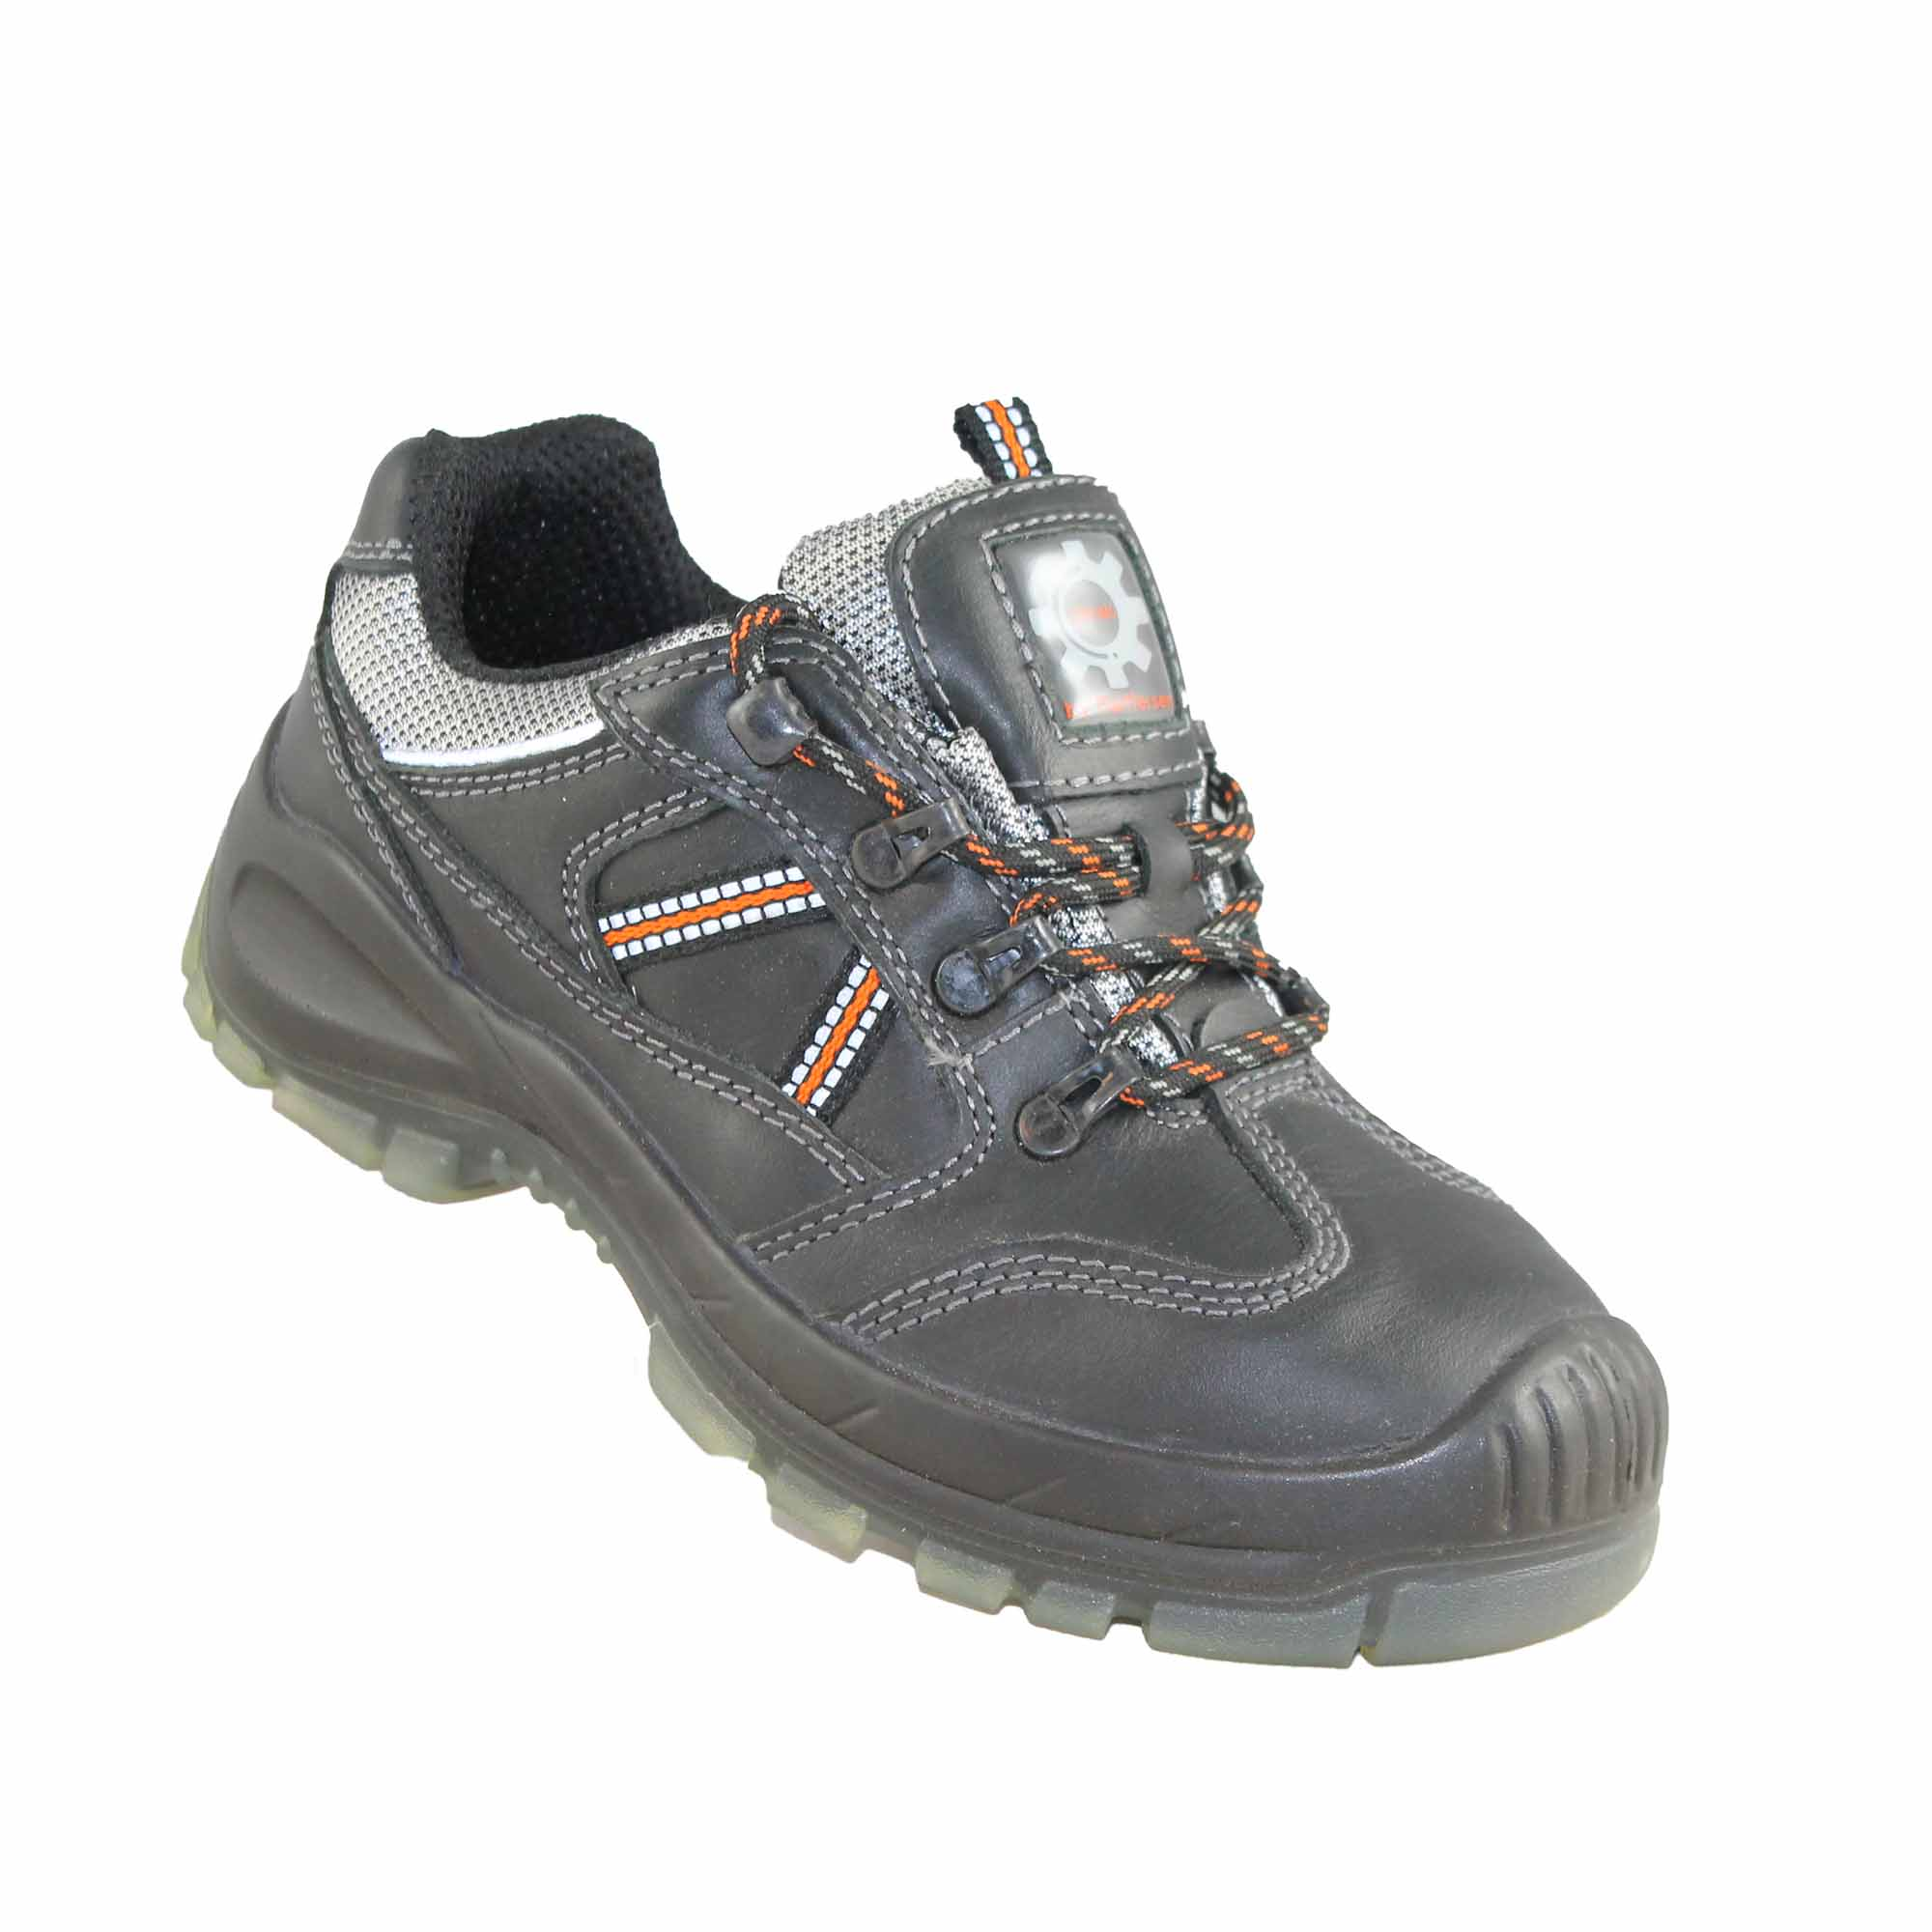 Sonstige PUMA Sicherheitsschuhe Arbeitsschuhe Stiefel S3